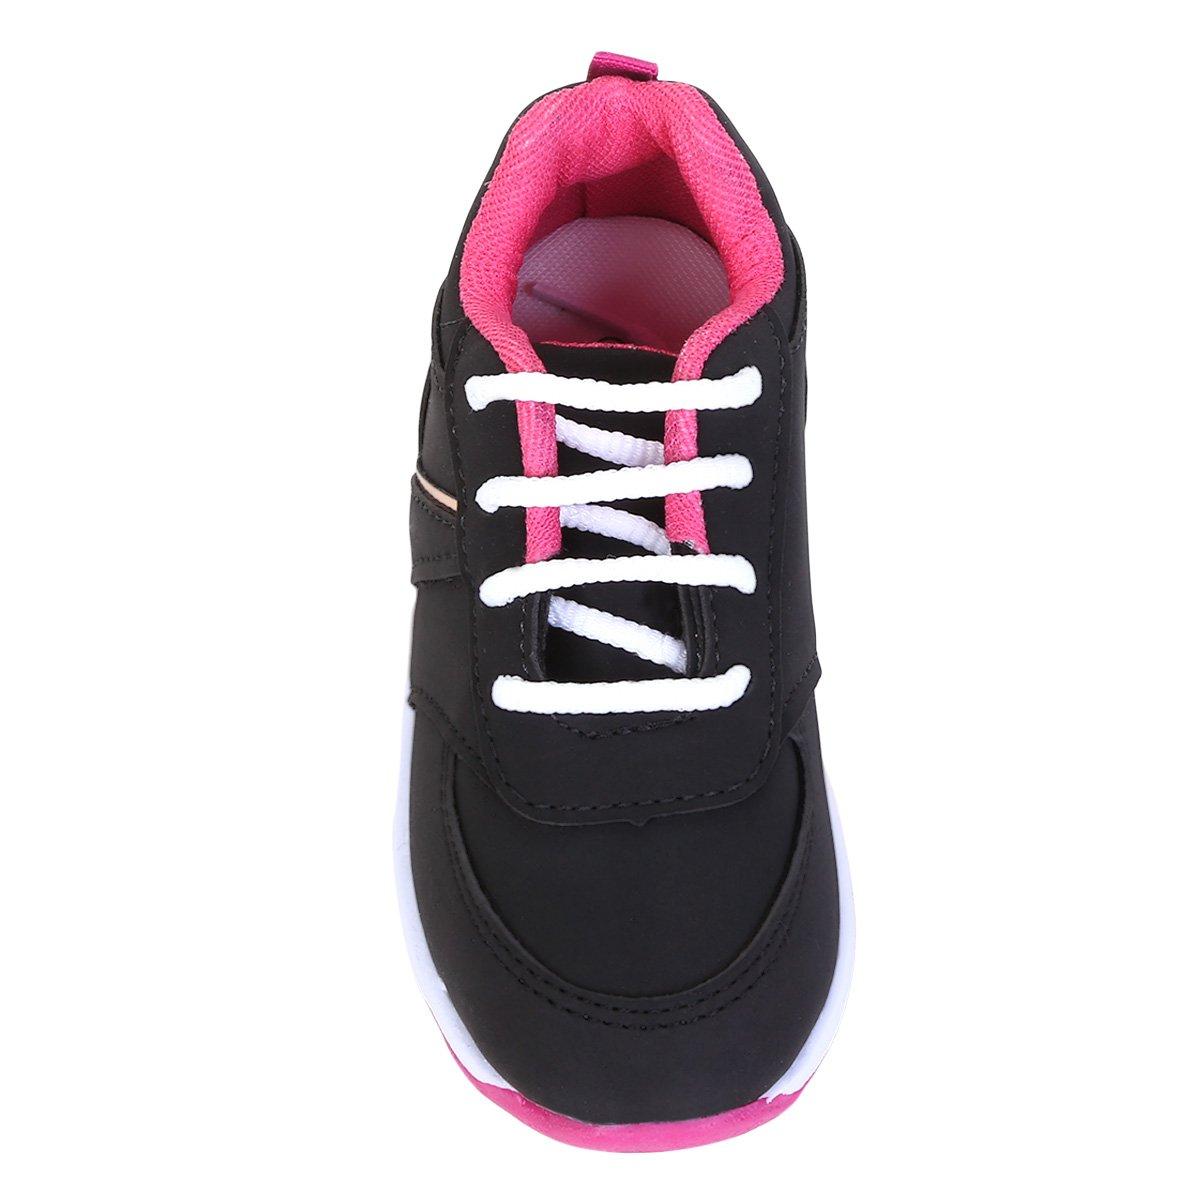 79b3ba705db Tênis Infantil Kurz Color Feminino - Preto e Pink - Compre Agora ...